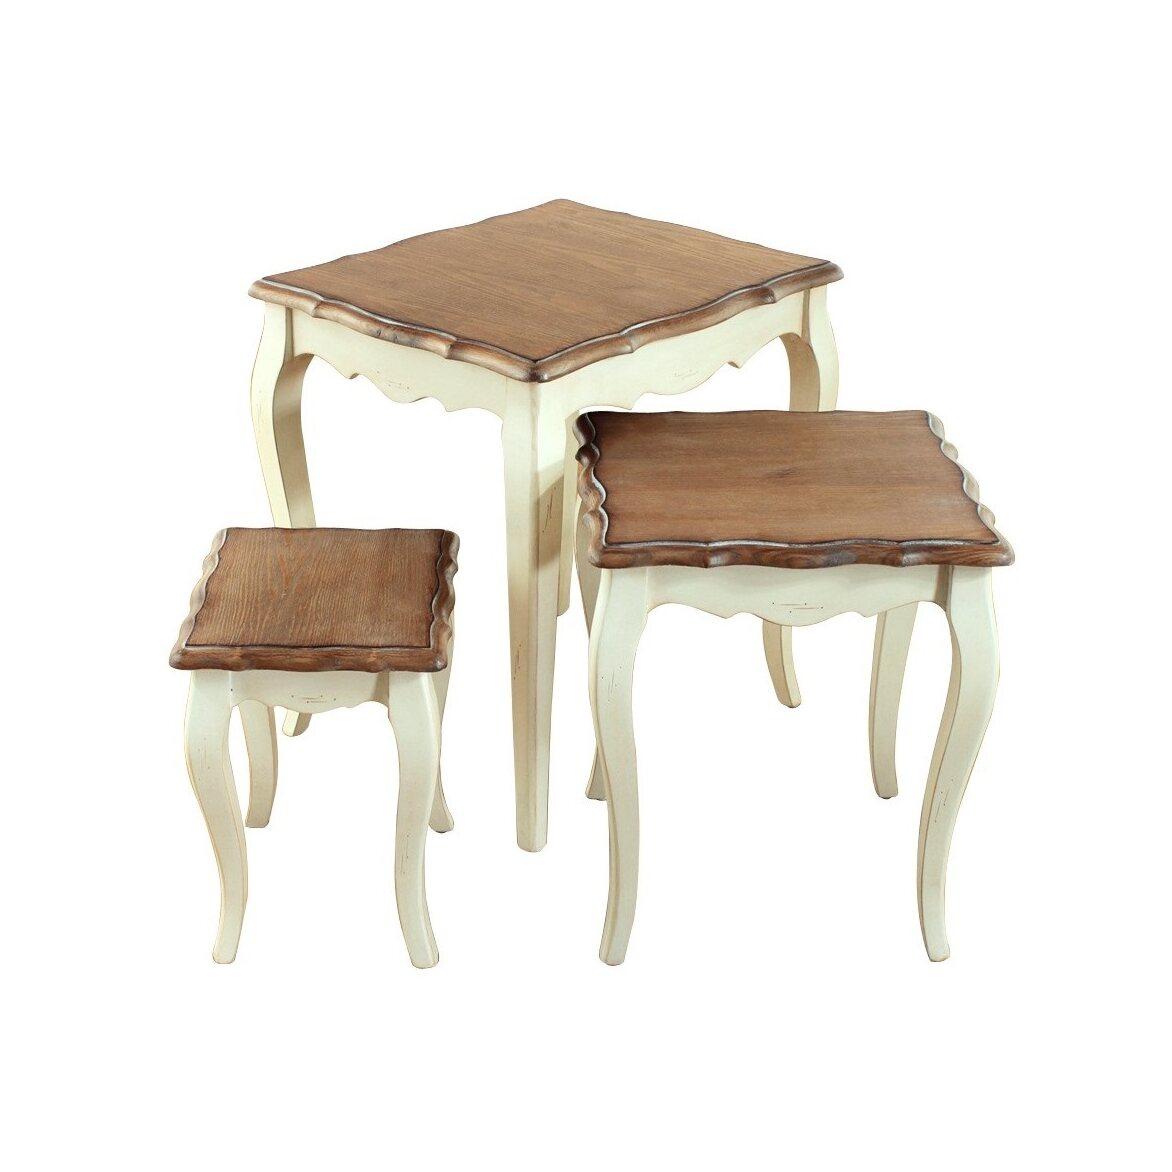 Консольные столики (комплект) Leontina, бежевого цвета 5 | Консоли Kingsby